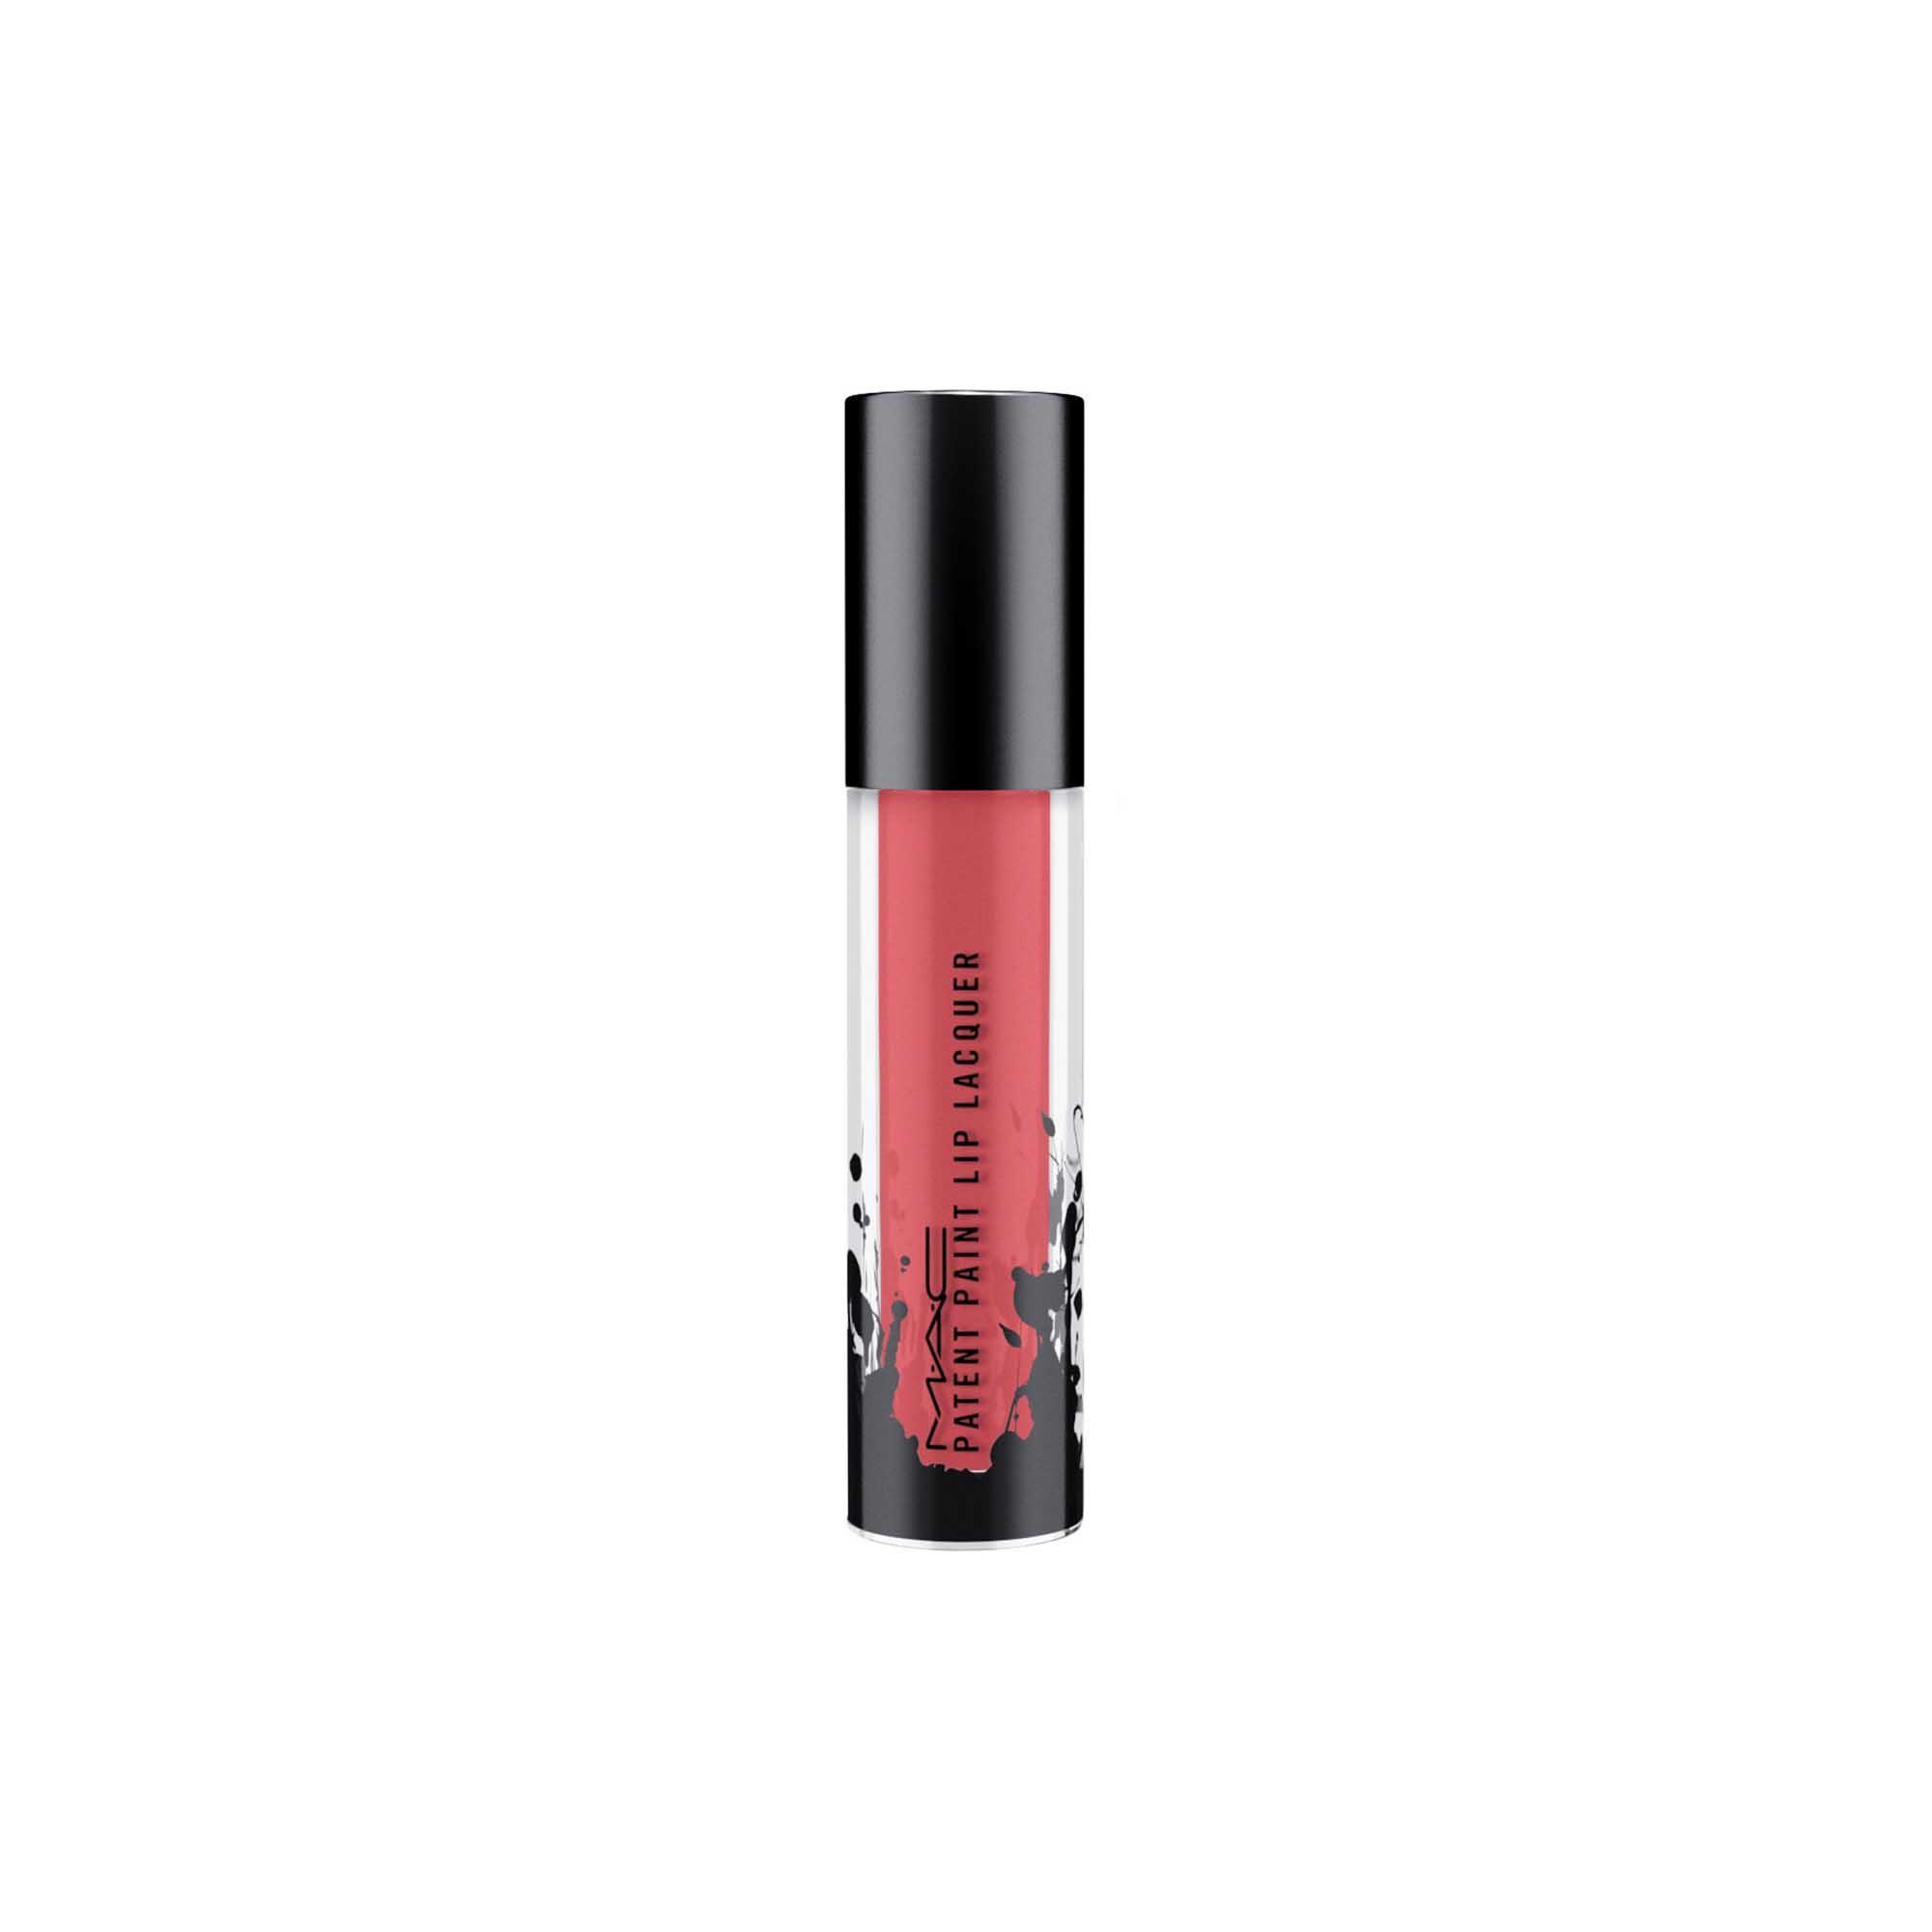 Mac M·A·C PATENT PAINT LIP LACQUER Patent Paint Lip Laquer 3.8 g Lacquered Up 859920